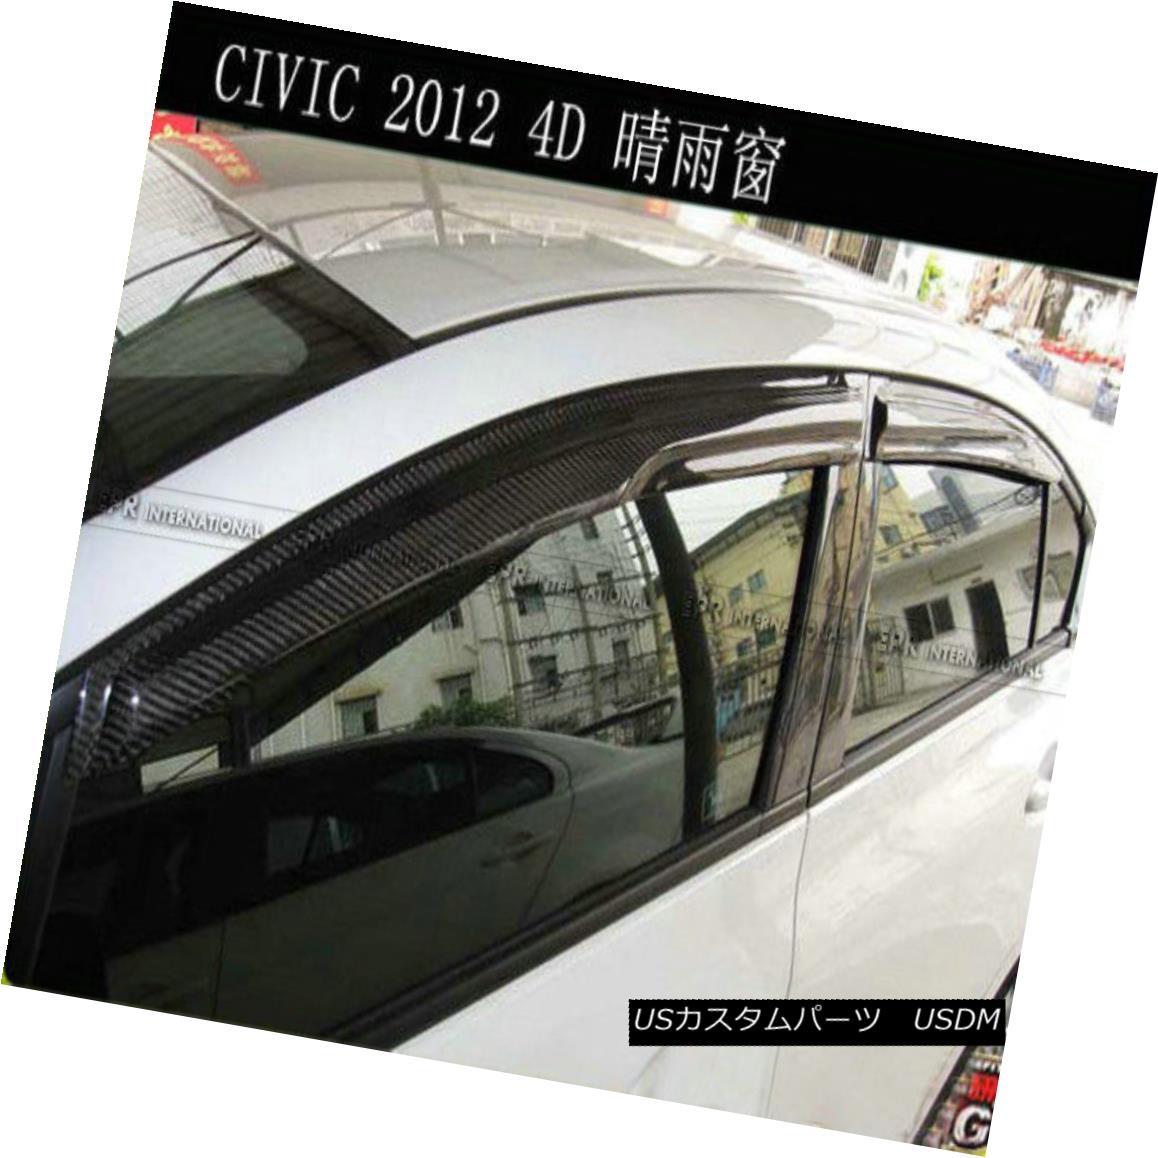 エアロパーツ ABC 4Pcs Carbon Wind Deflector Visor Protector Kit For Honda Civic FB 2006 4Door ホンダシビックFB 2006 4DoorのためのABC 4枚カーボン風デフレクターバイザープロテクターキット